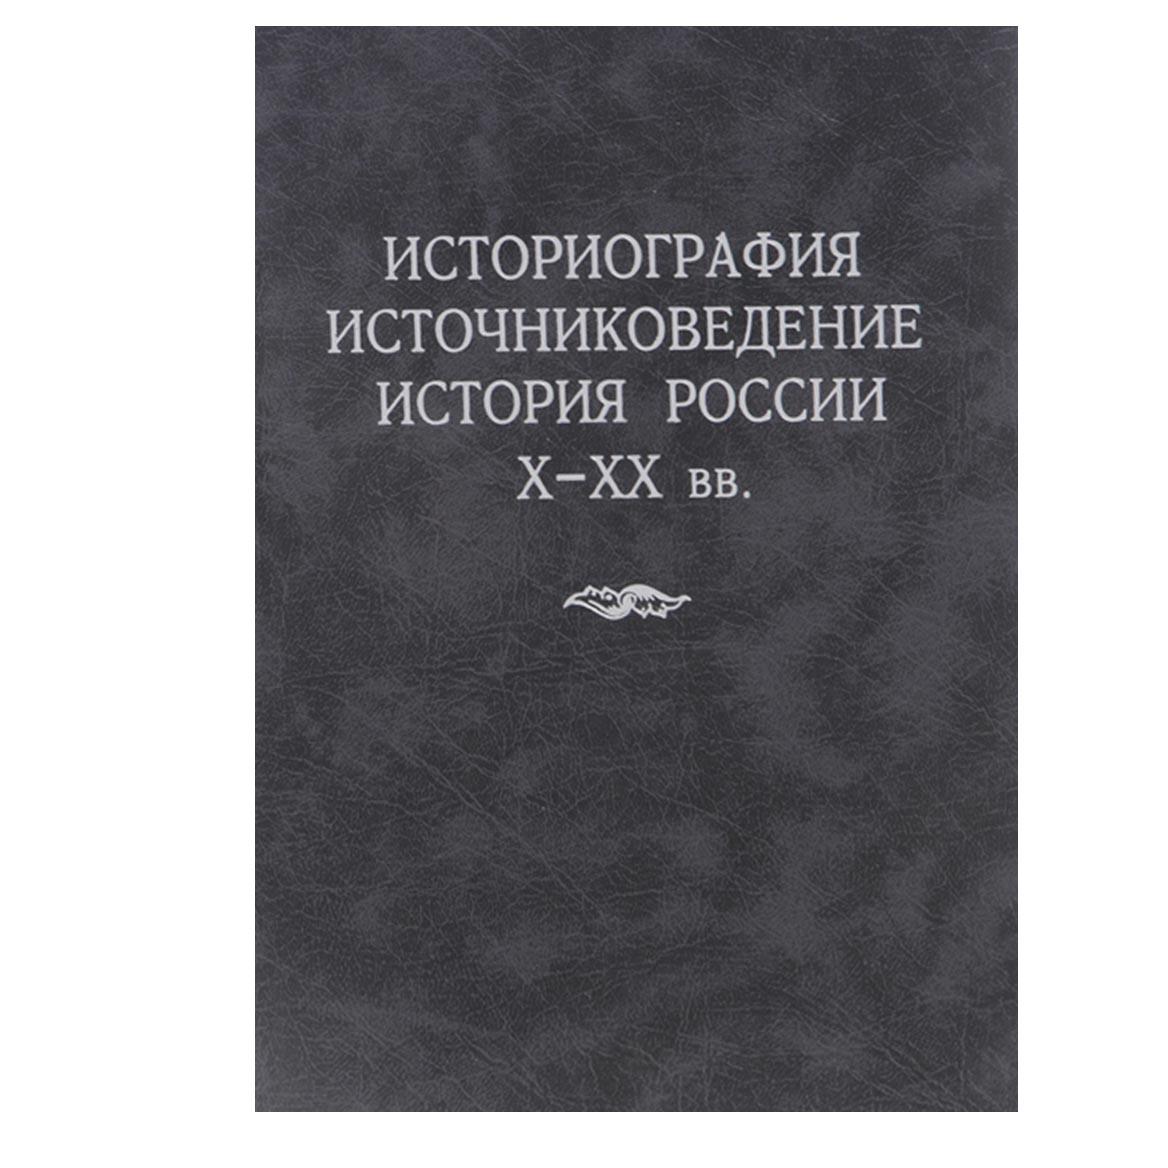 Скачать Историография, источниковедение, история России Х-ХХ вв. быстро